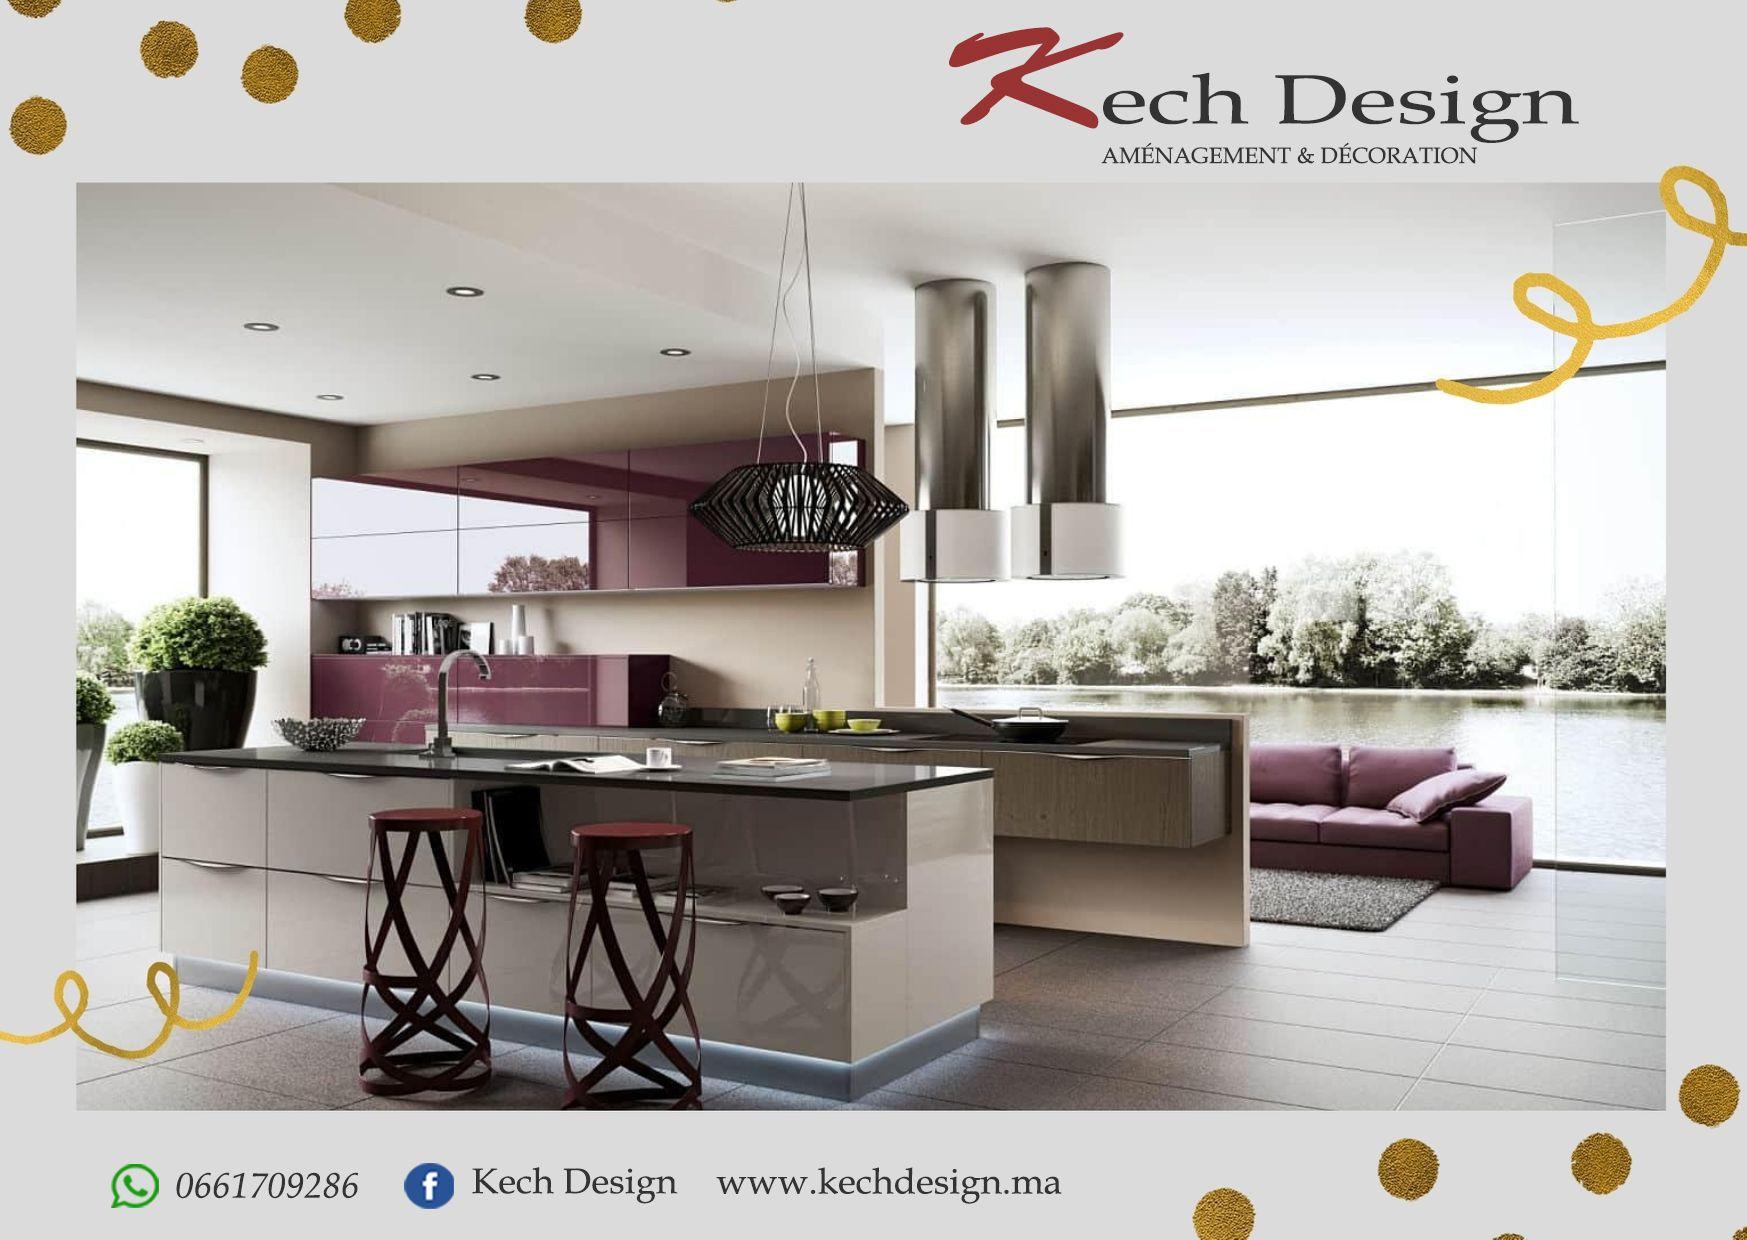 Cuisine Moderne Cuisine Moderne Décoration Intérieure Décoration De Cuisine